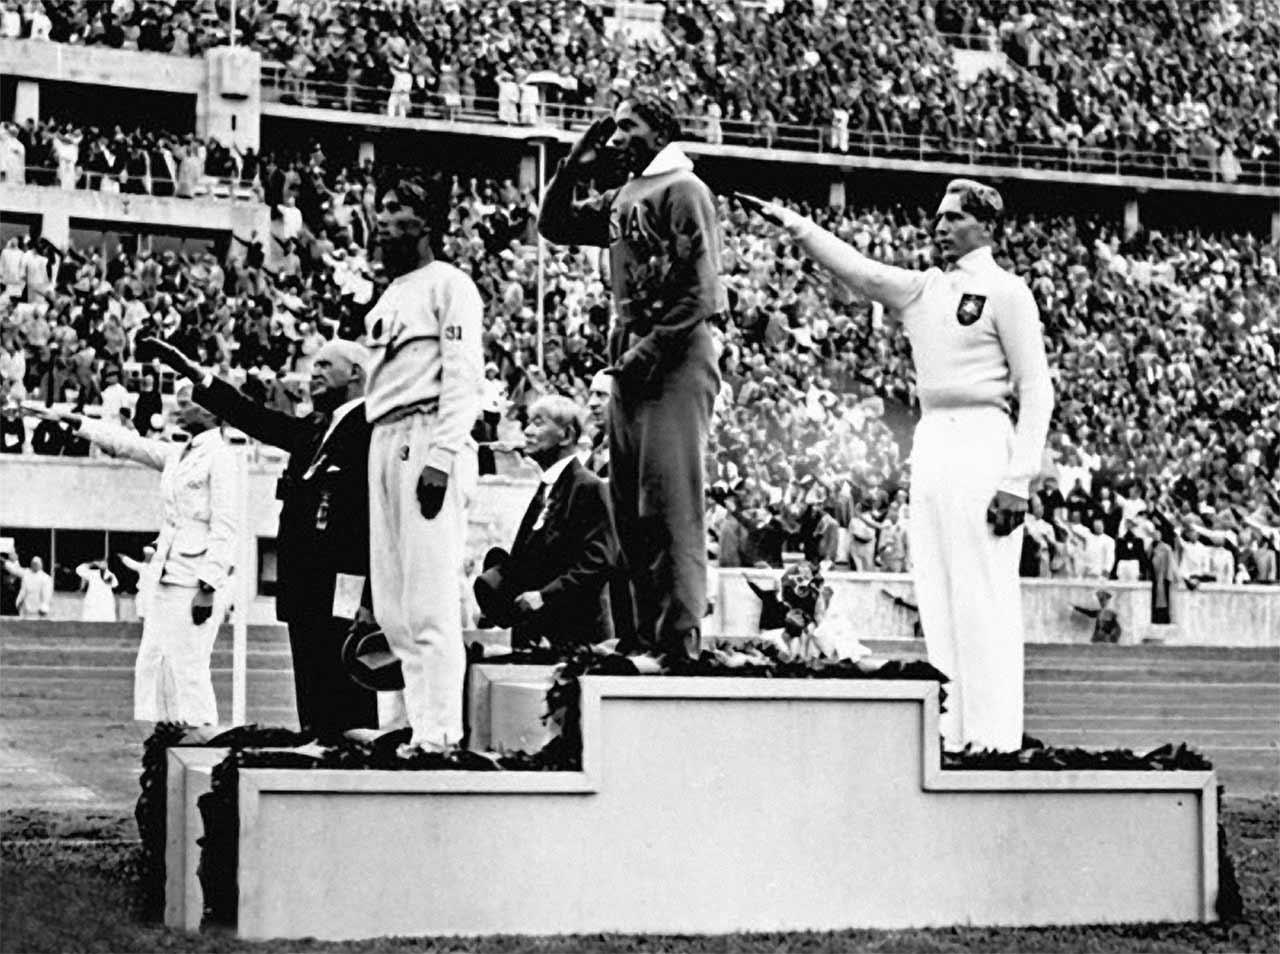 映画『栄光のランナー 1936ベルリン』 ベルリン五輪はジェシー・オーエンスの大会でした。 - 岩清水日記